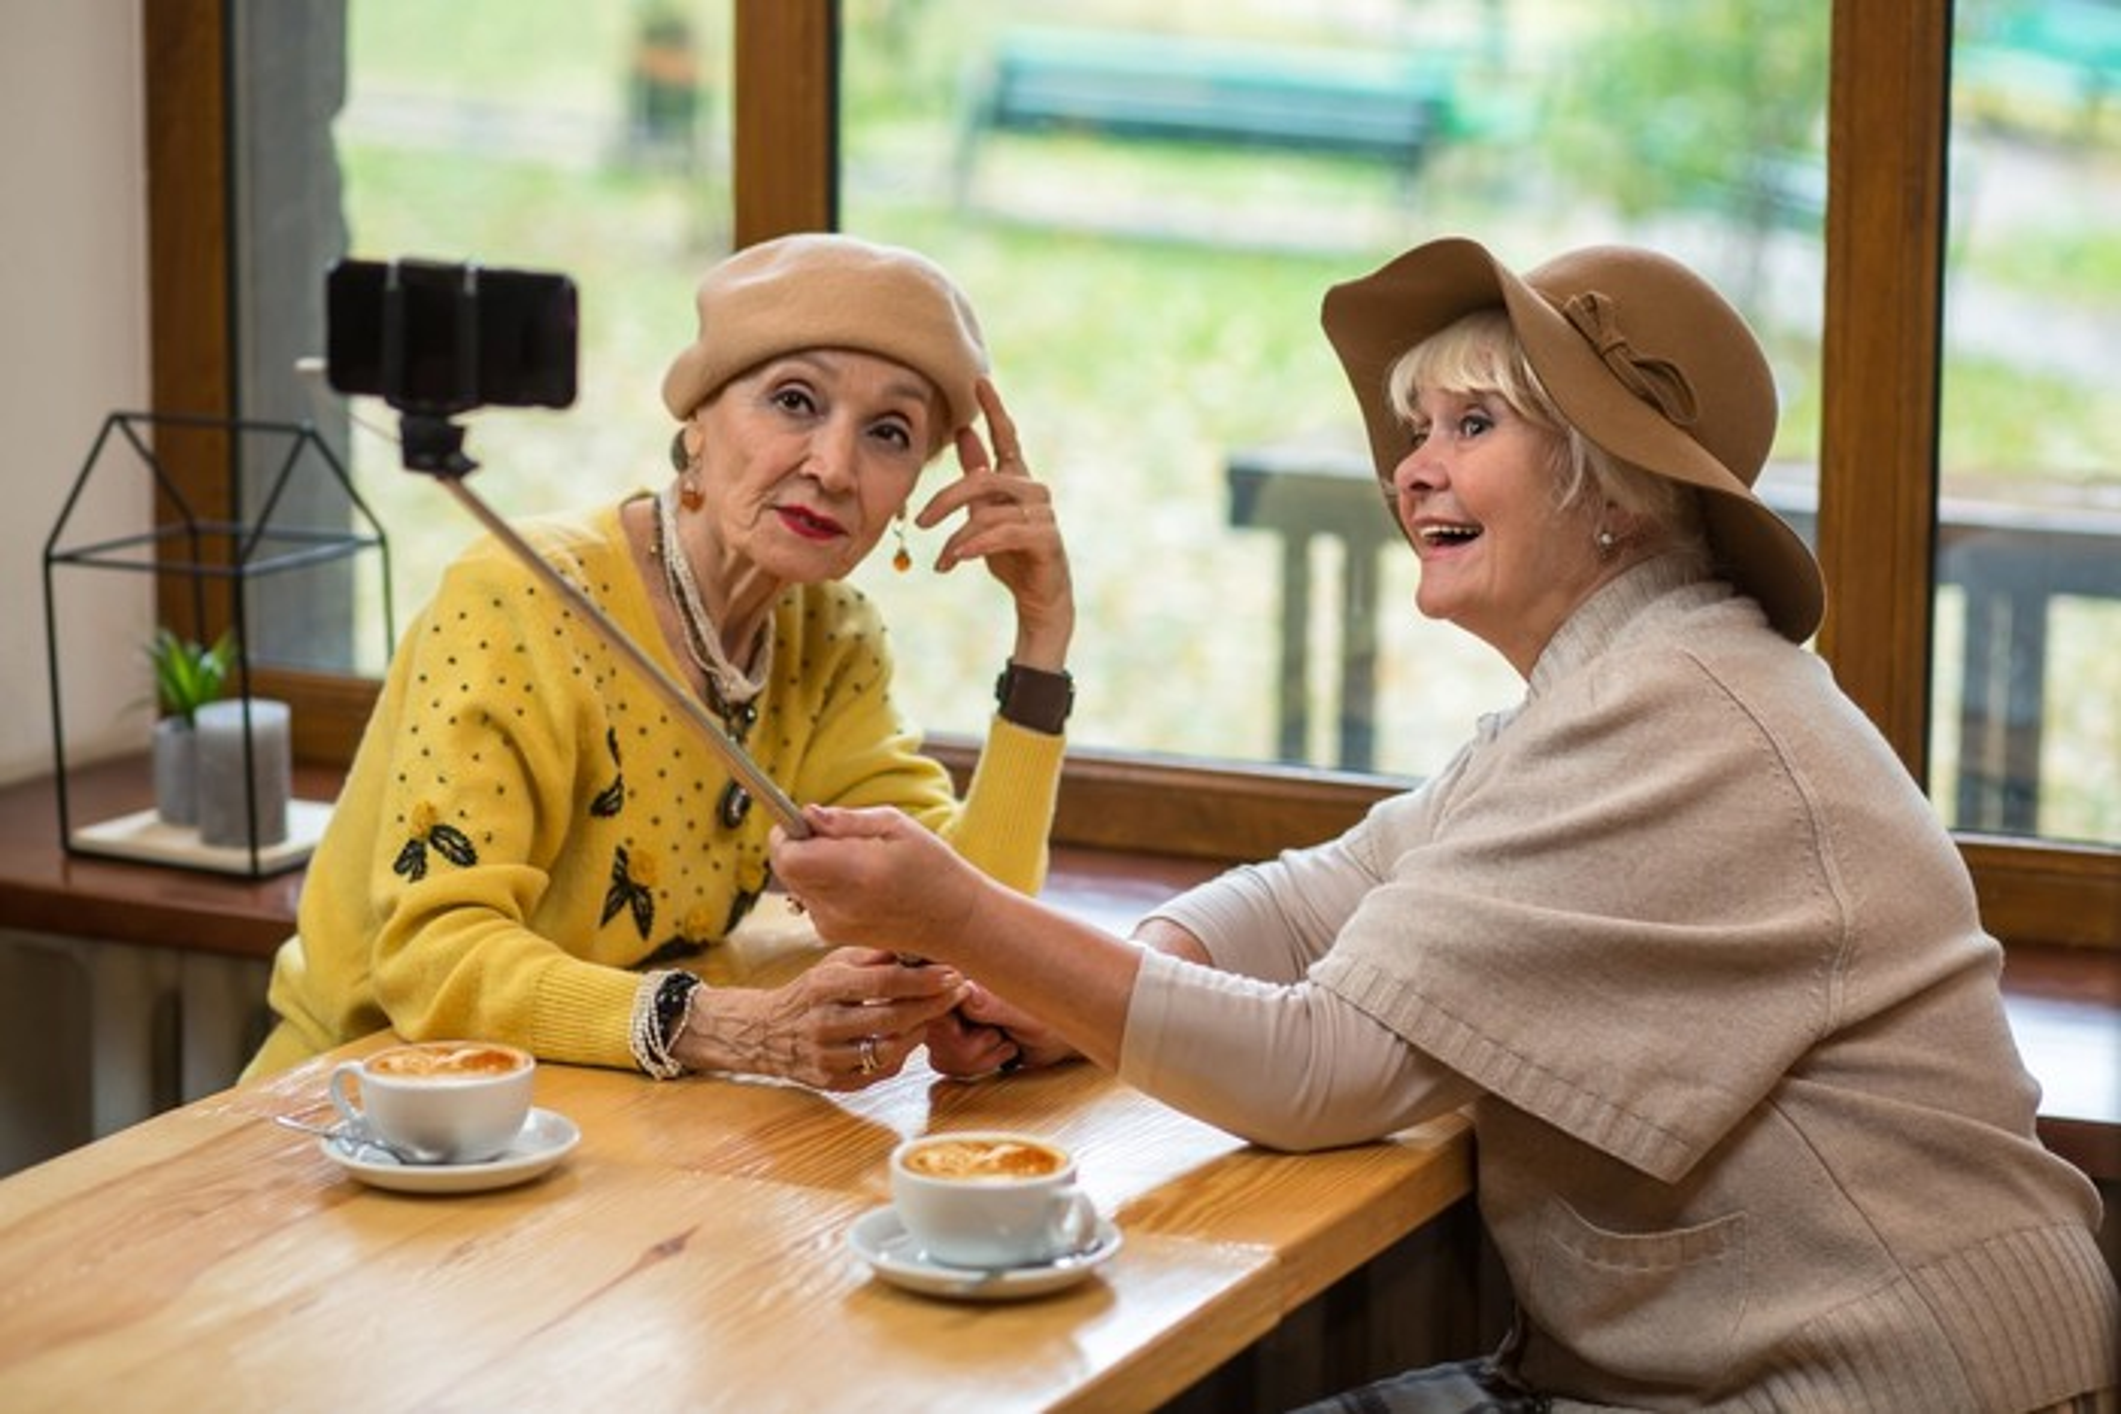 Two elderly women taking a selfie.